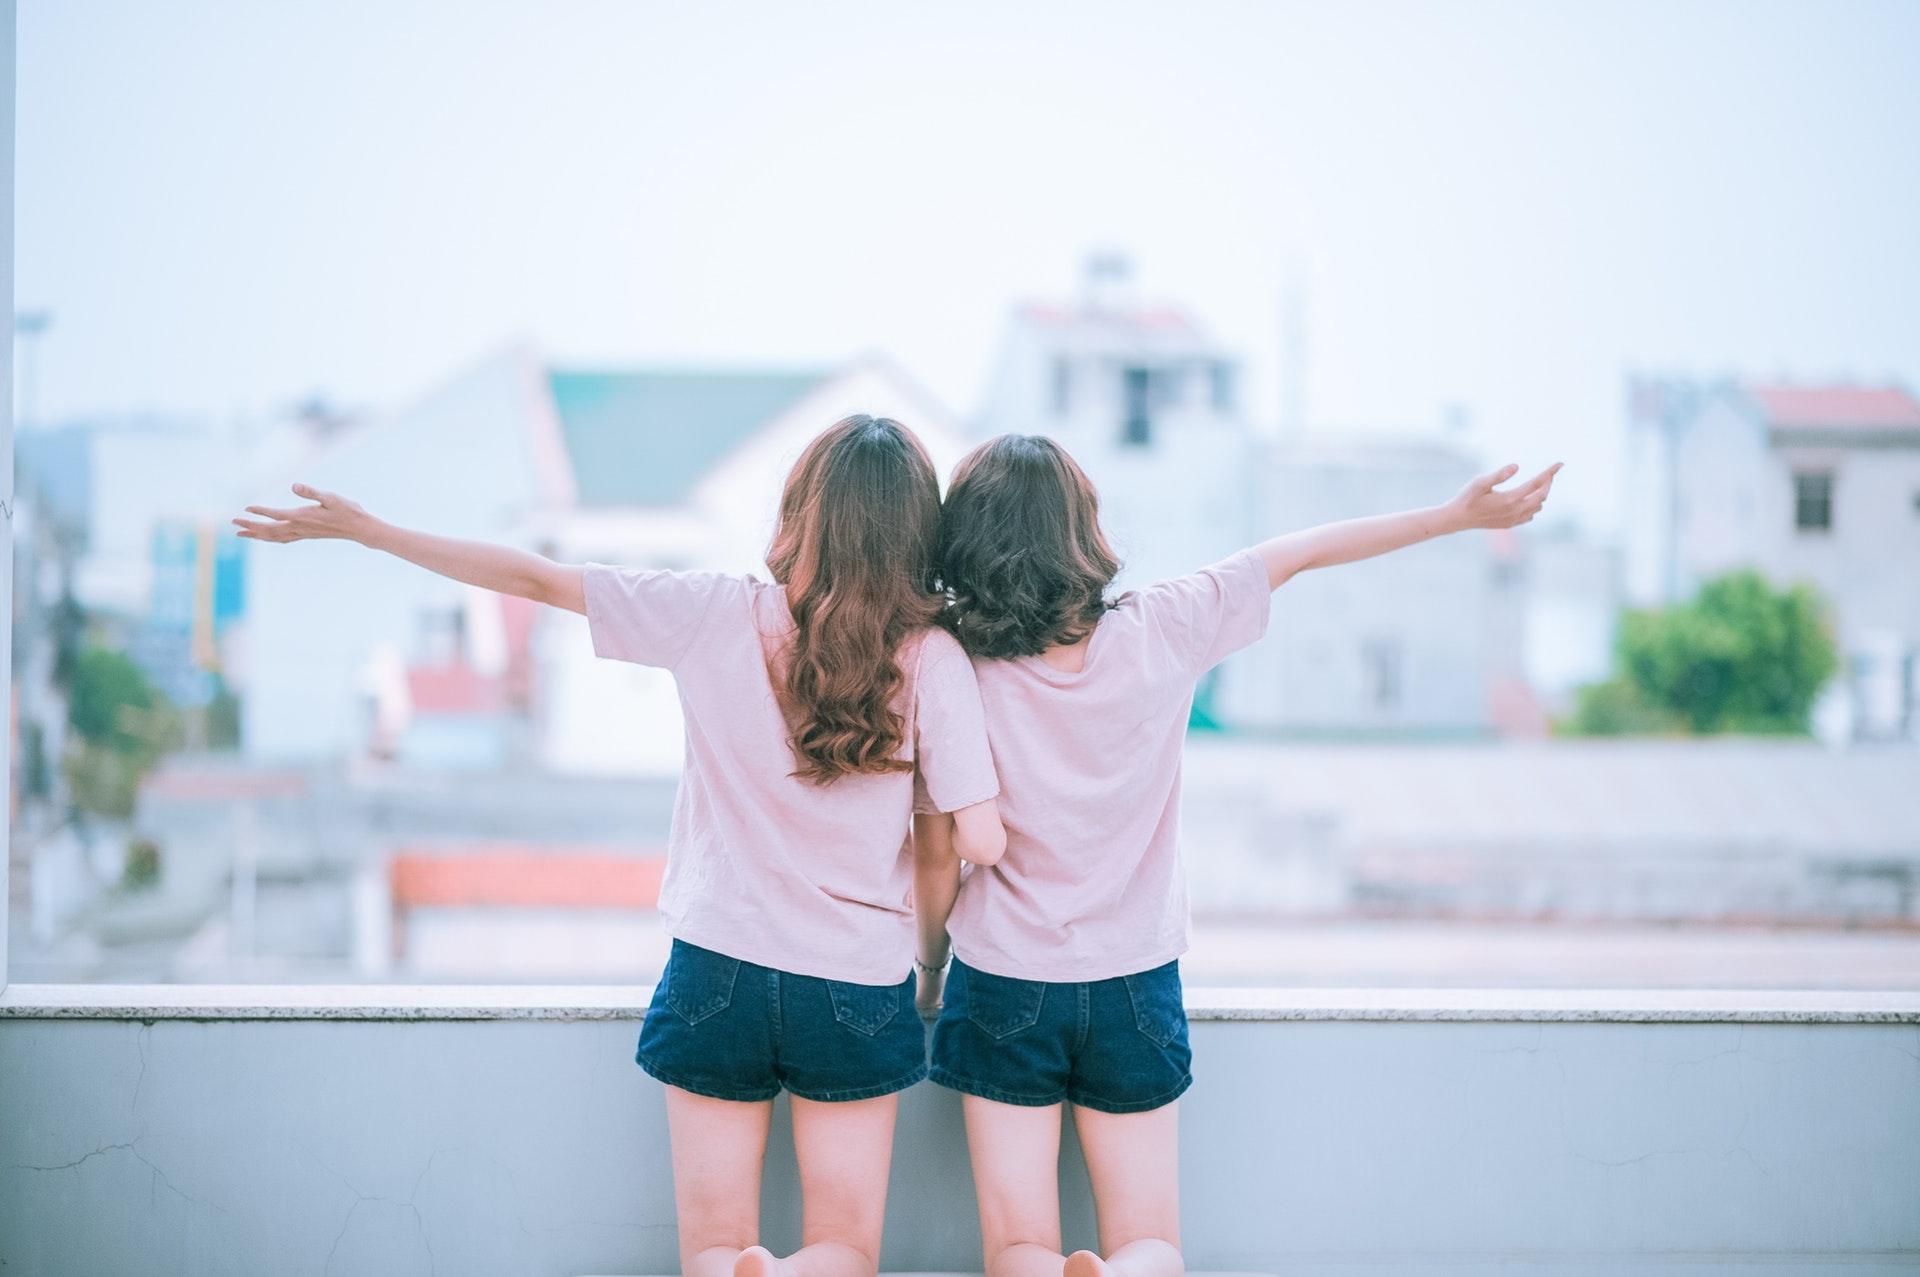 女性2人が両手を広げて立っている